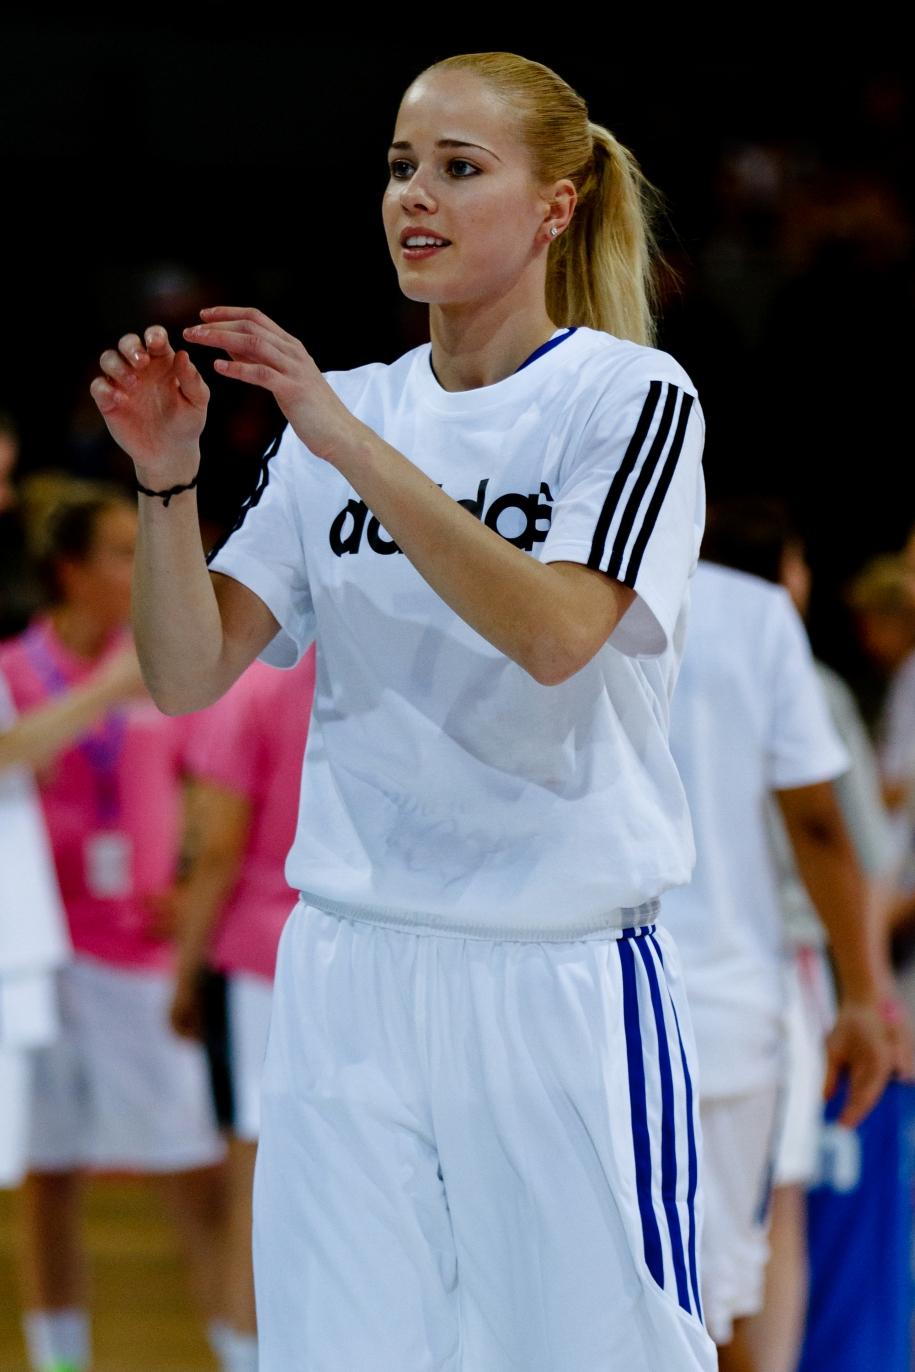 Antonija Misura: Nữ cầu thủ bóng rổ quyến rũ nhất thế giới